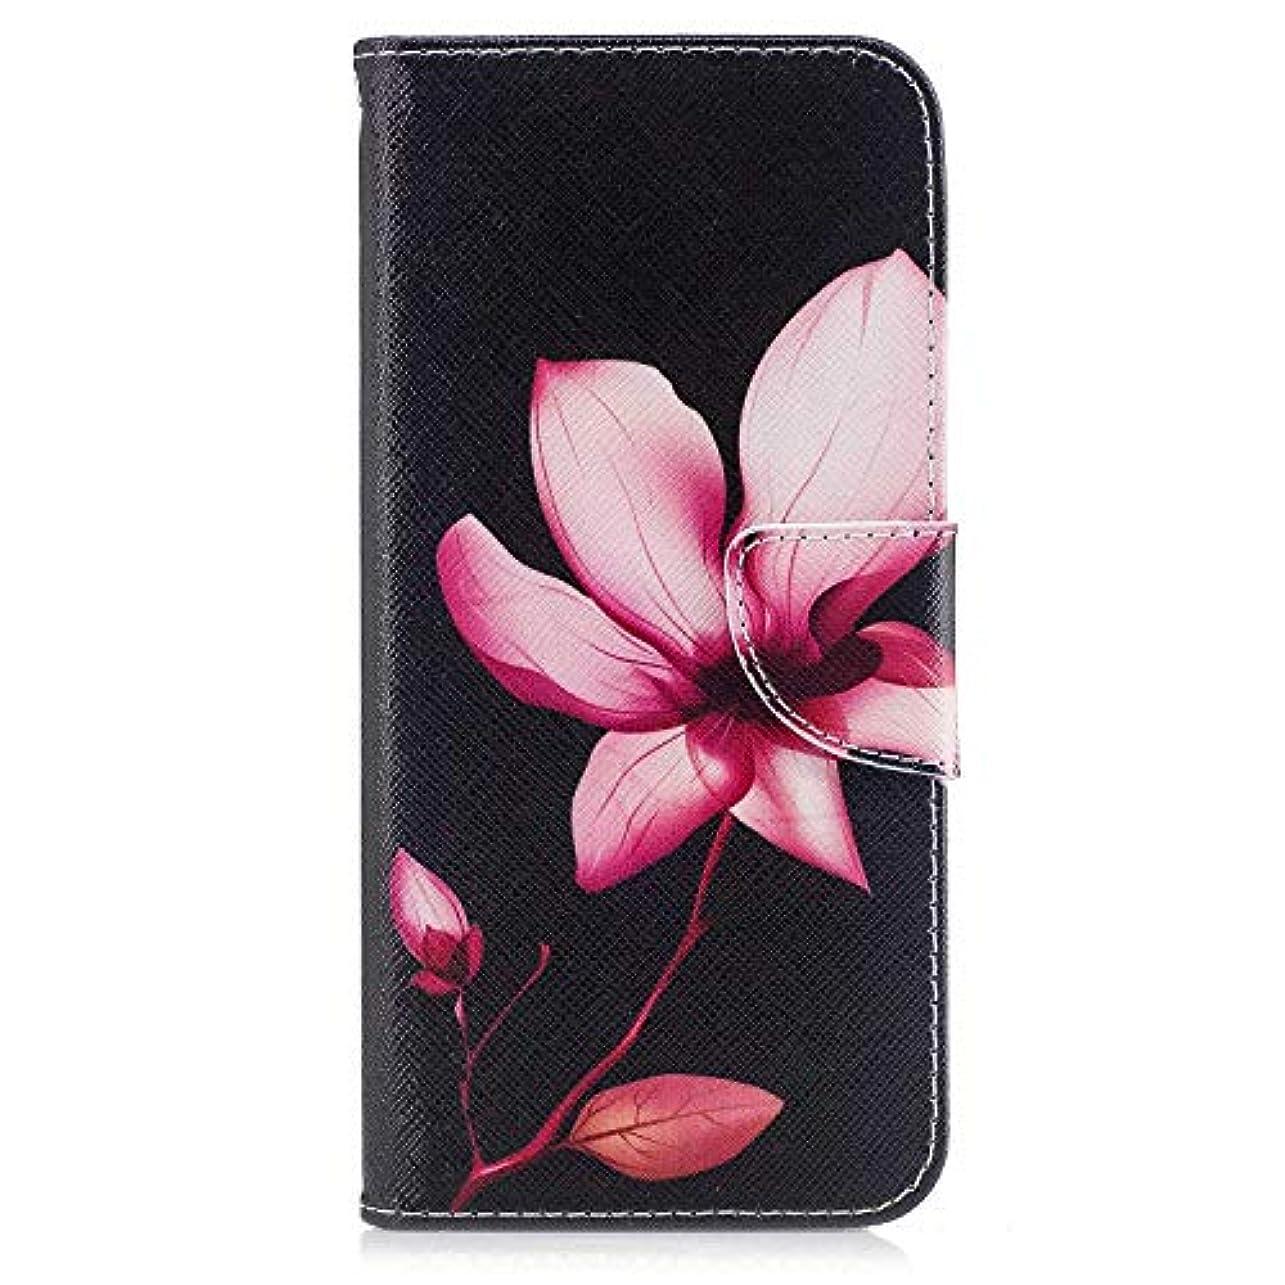 コンパス面倒小数OMATENTI Galaxy S8 Plus ケース, ファッション人気 PUレザー 手帳 軽量 電話ケース 耐衝撃性 落下防止 薄型 スマホケースザー 付きスタンド機能, マグネット開閉式 そしてカード収納 Galaxy S8 Plus 用 Case Cover, 花